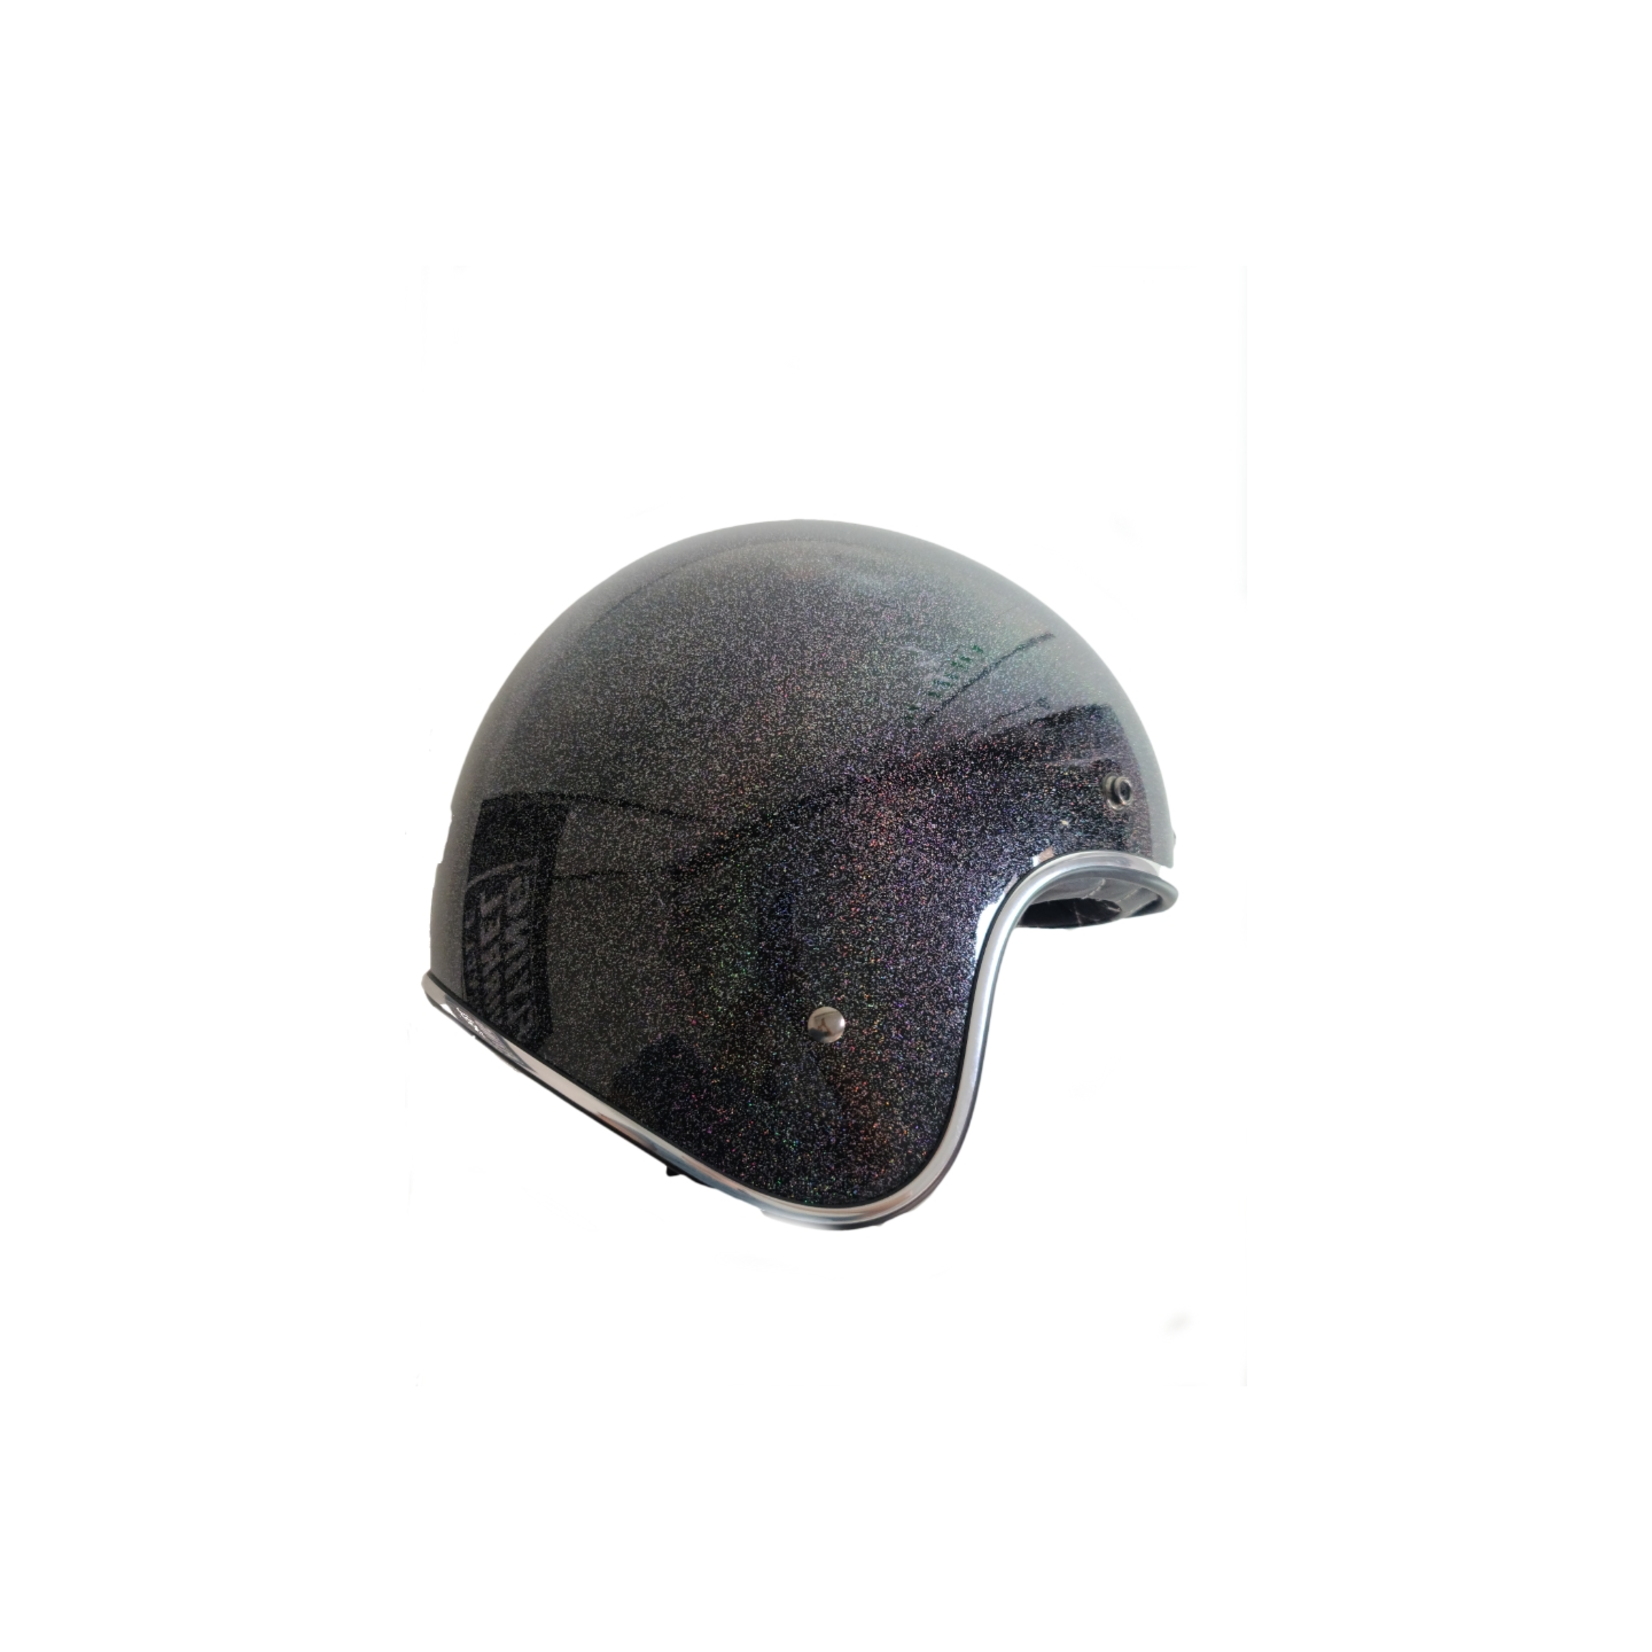 Bell Vintage Helmet